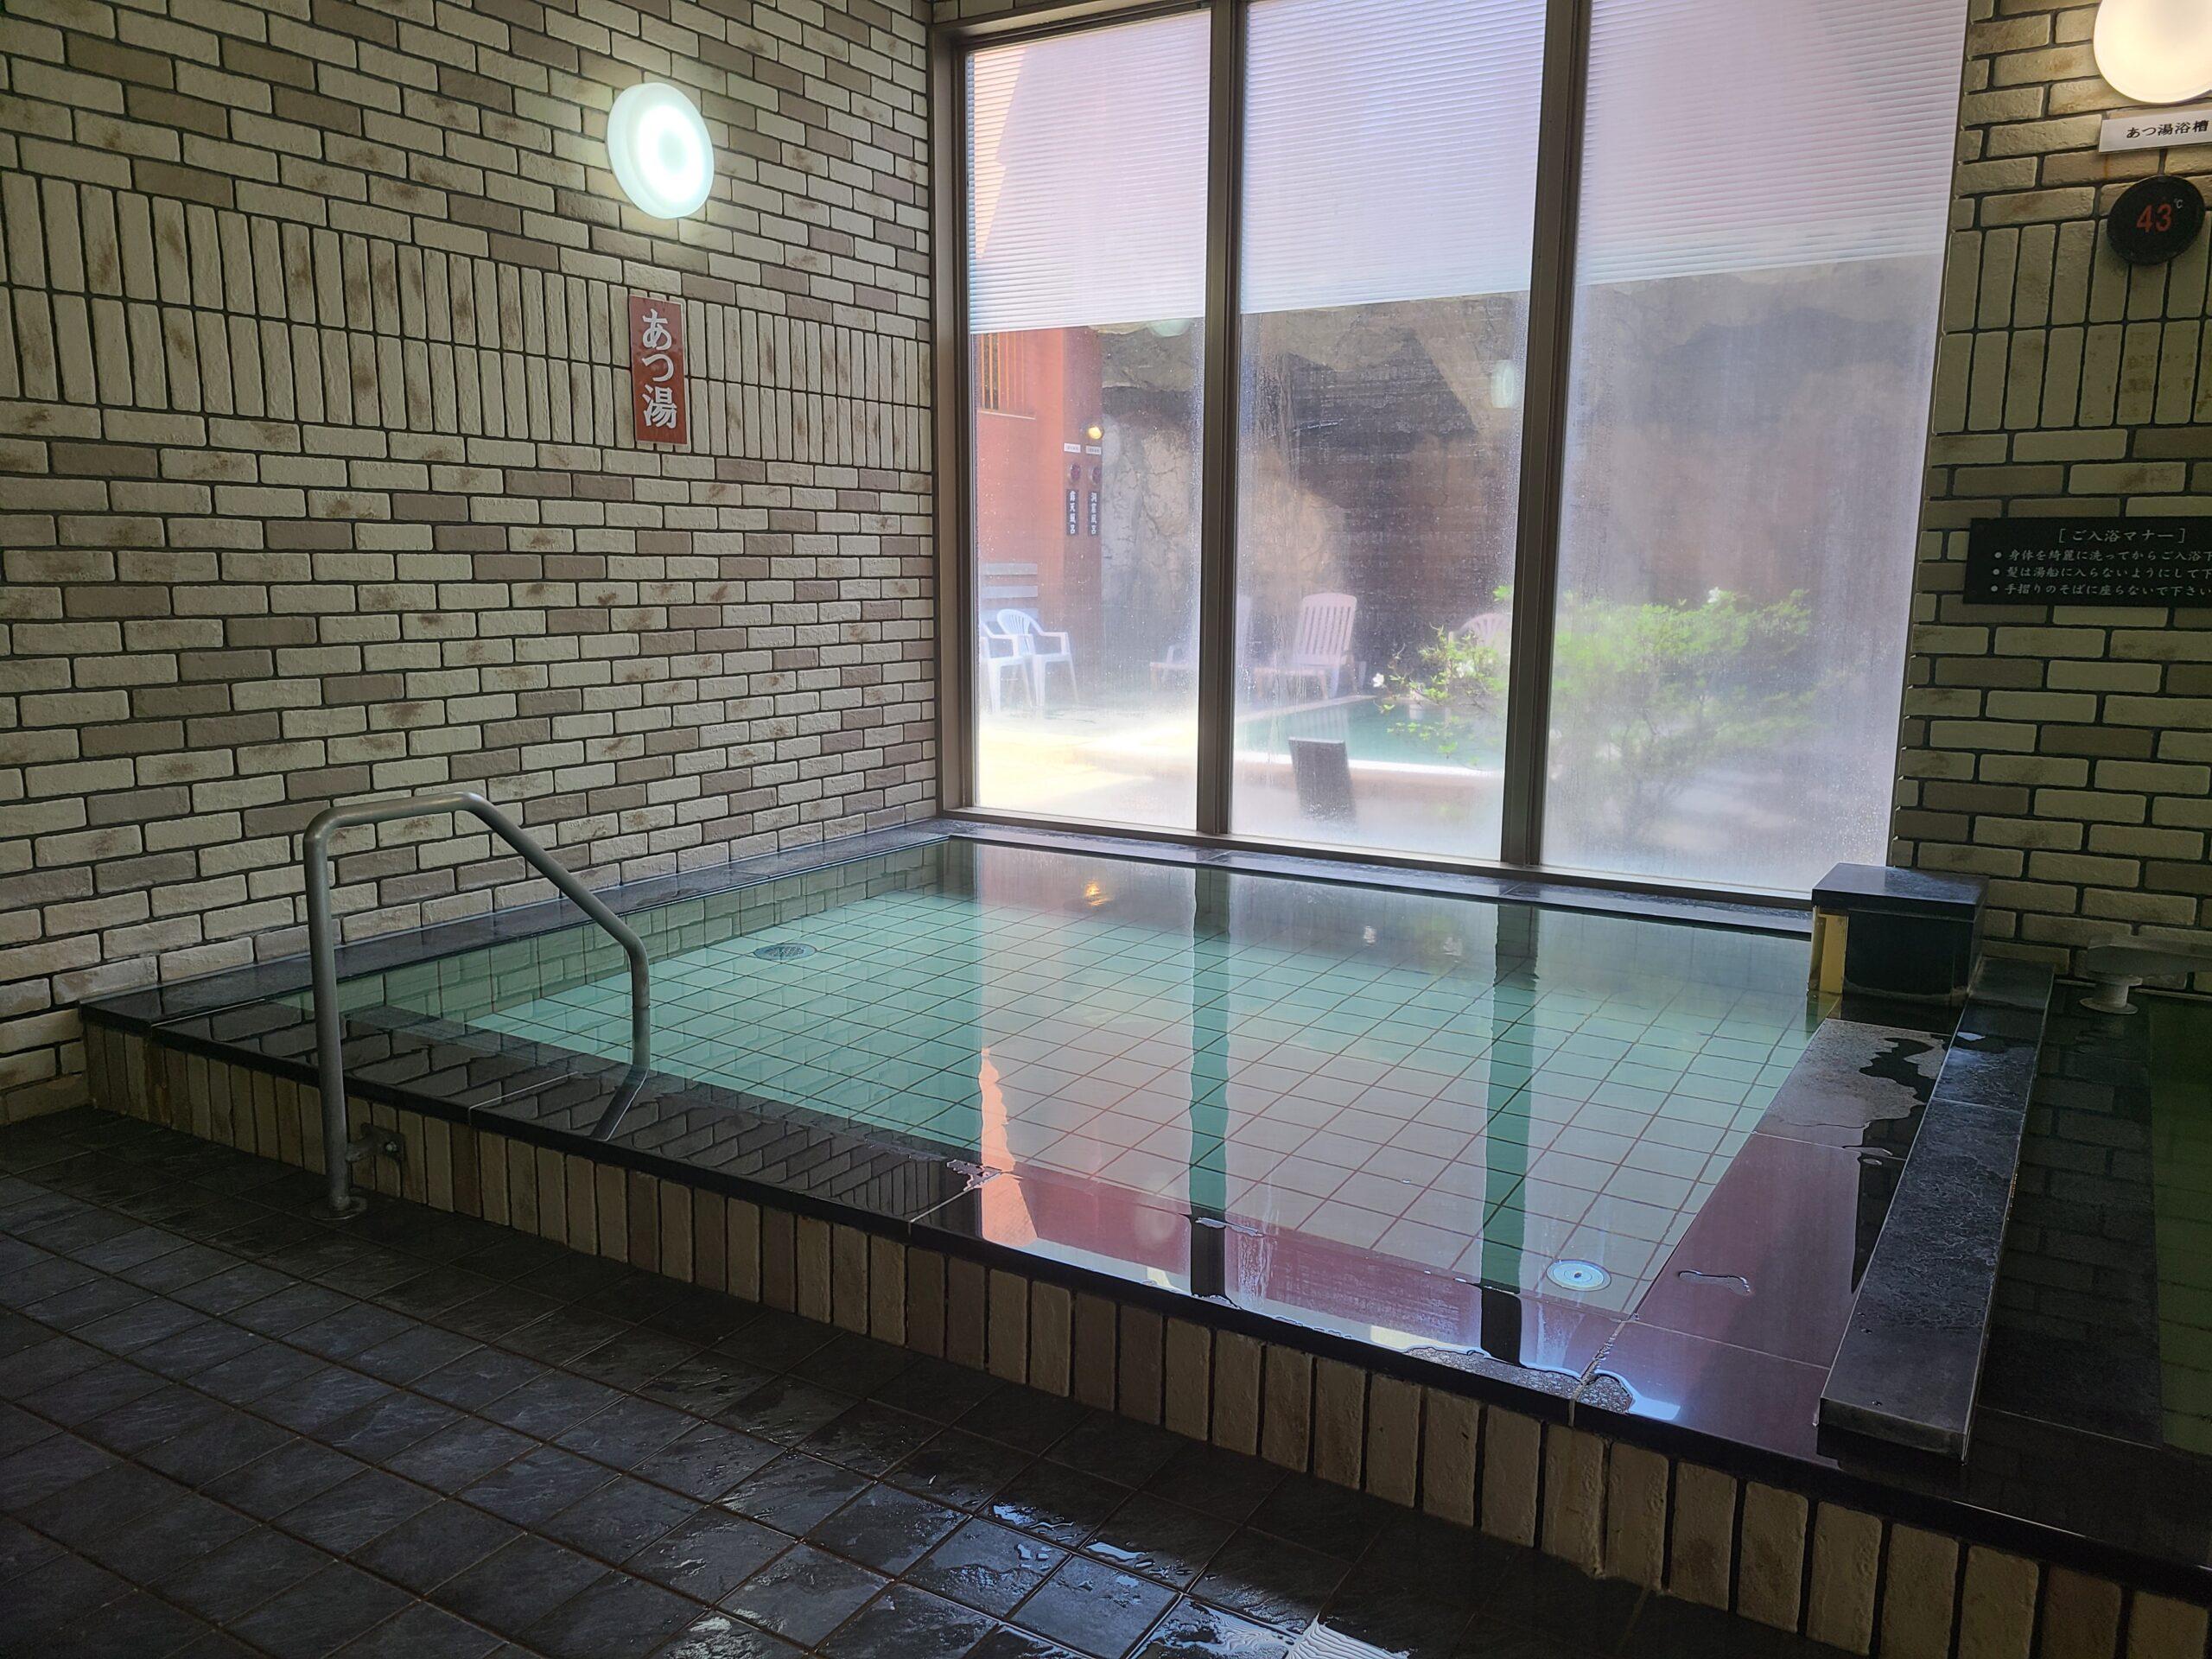 温泉水に切り替わる内風呂のあつ湯